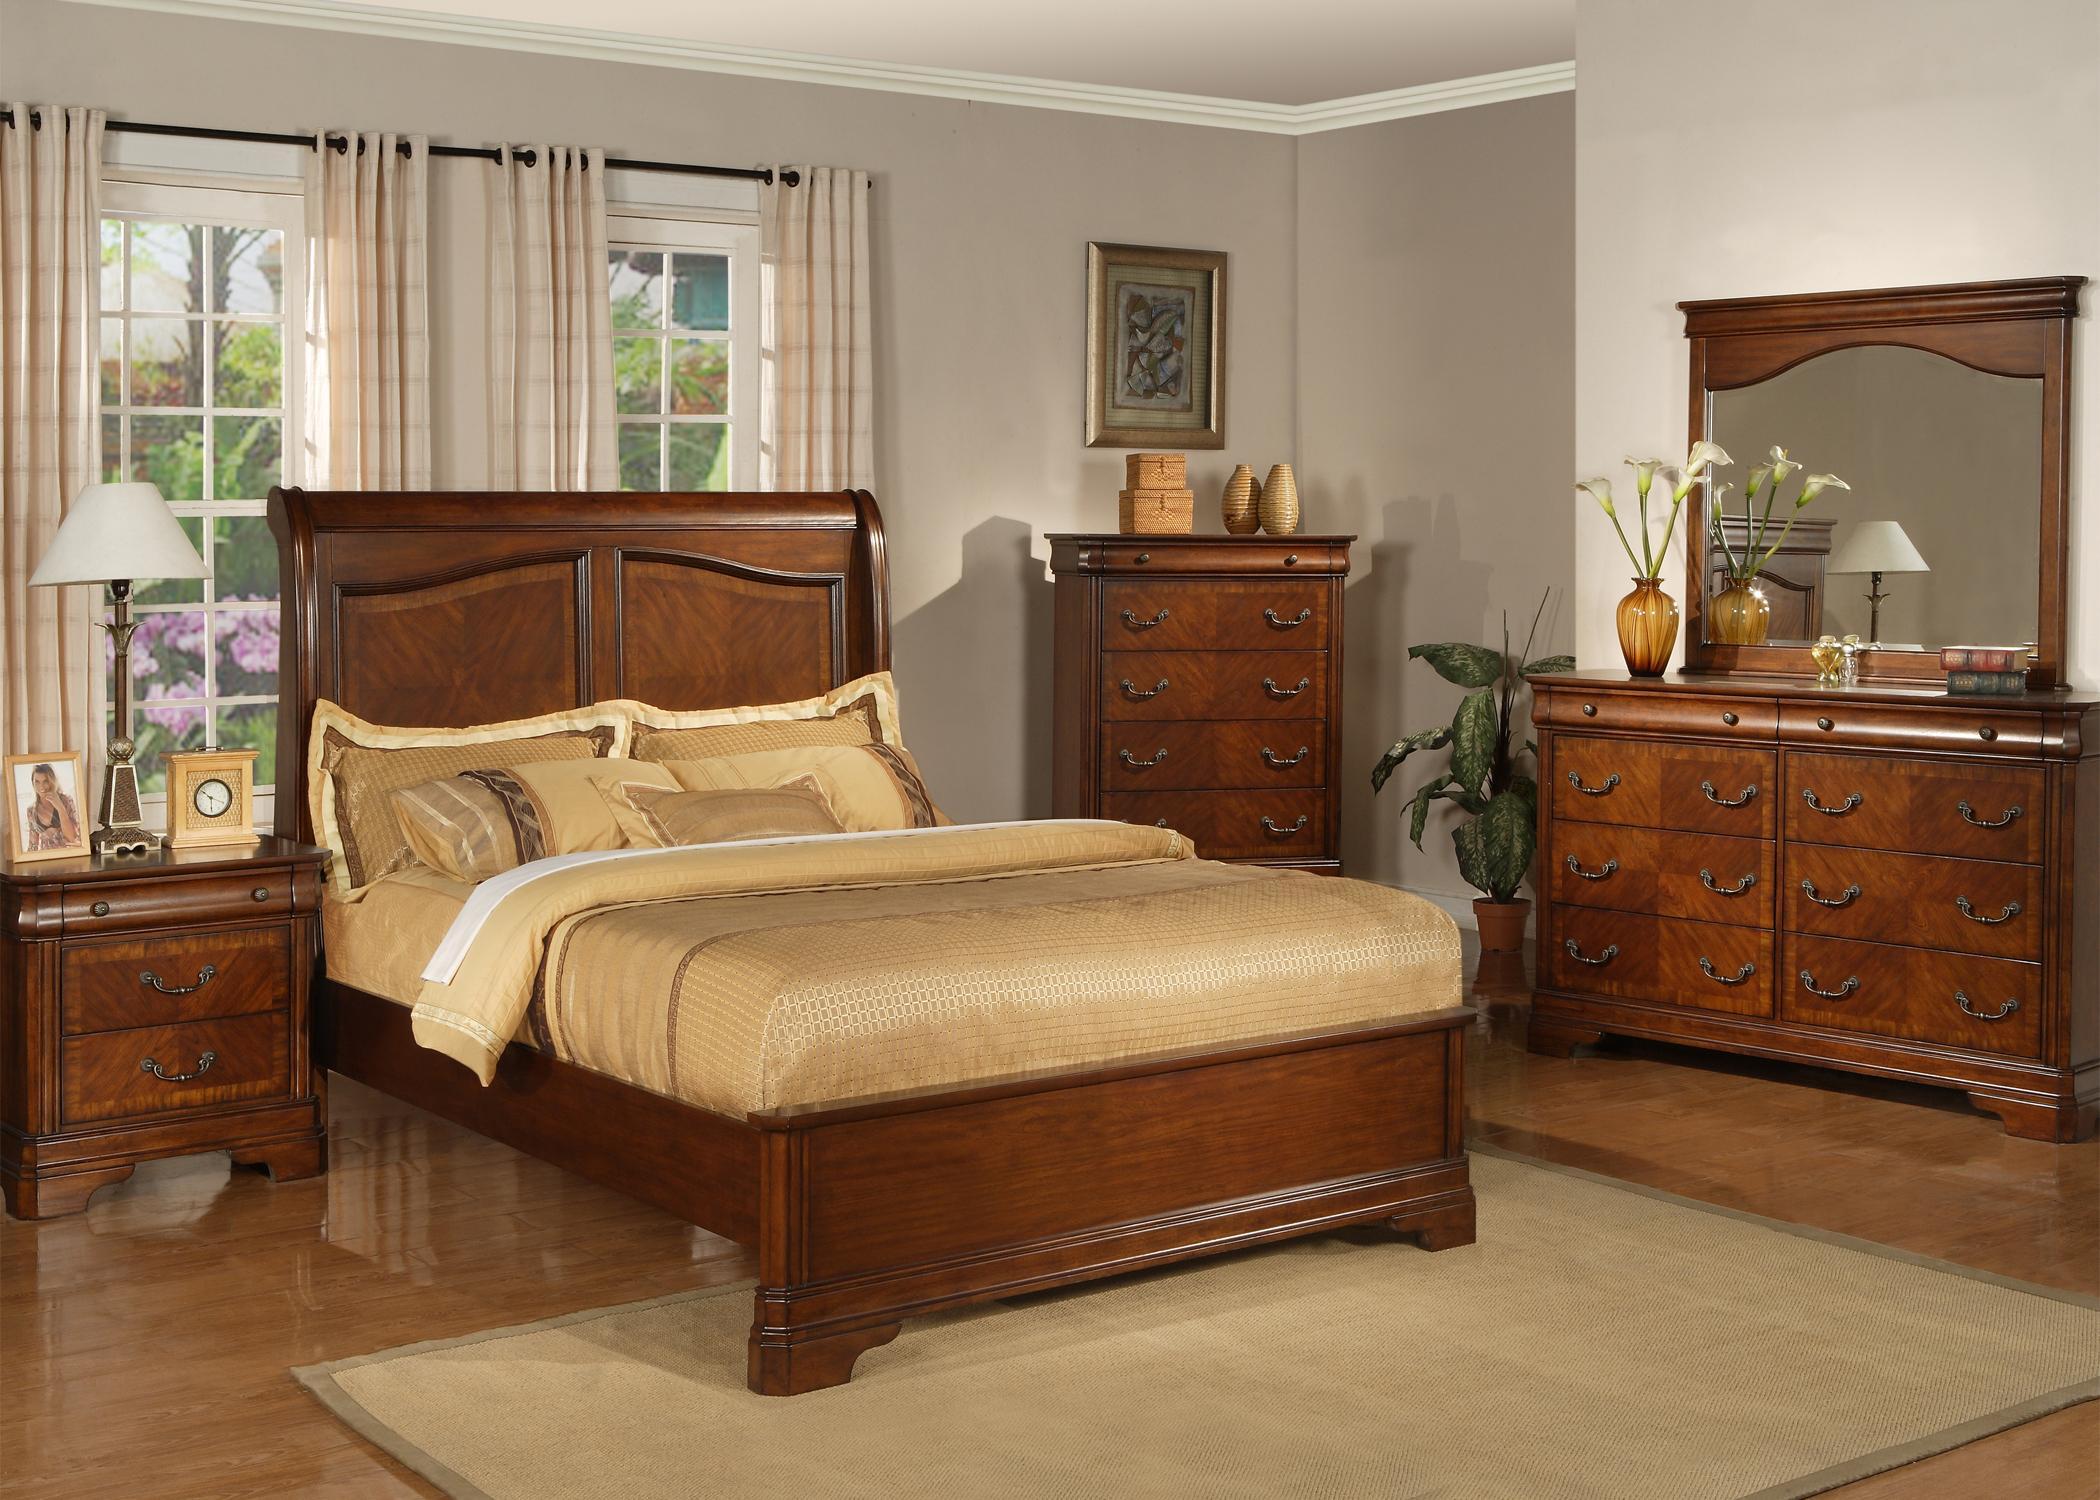 Alexandria King Bedroom Set. Alexandria Bedroom Bed